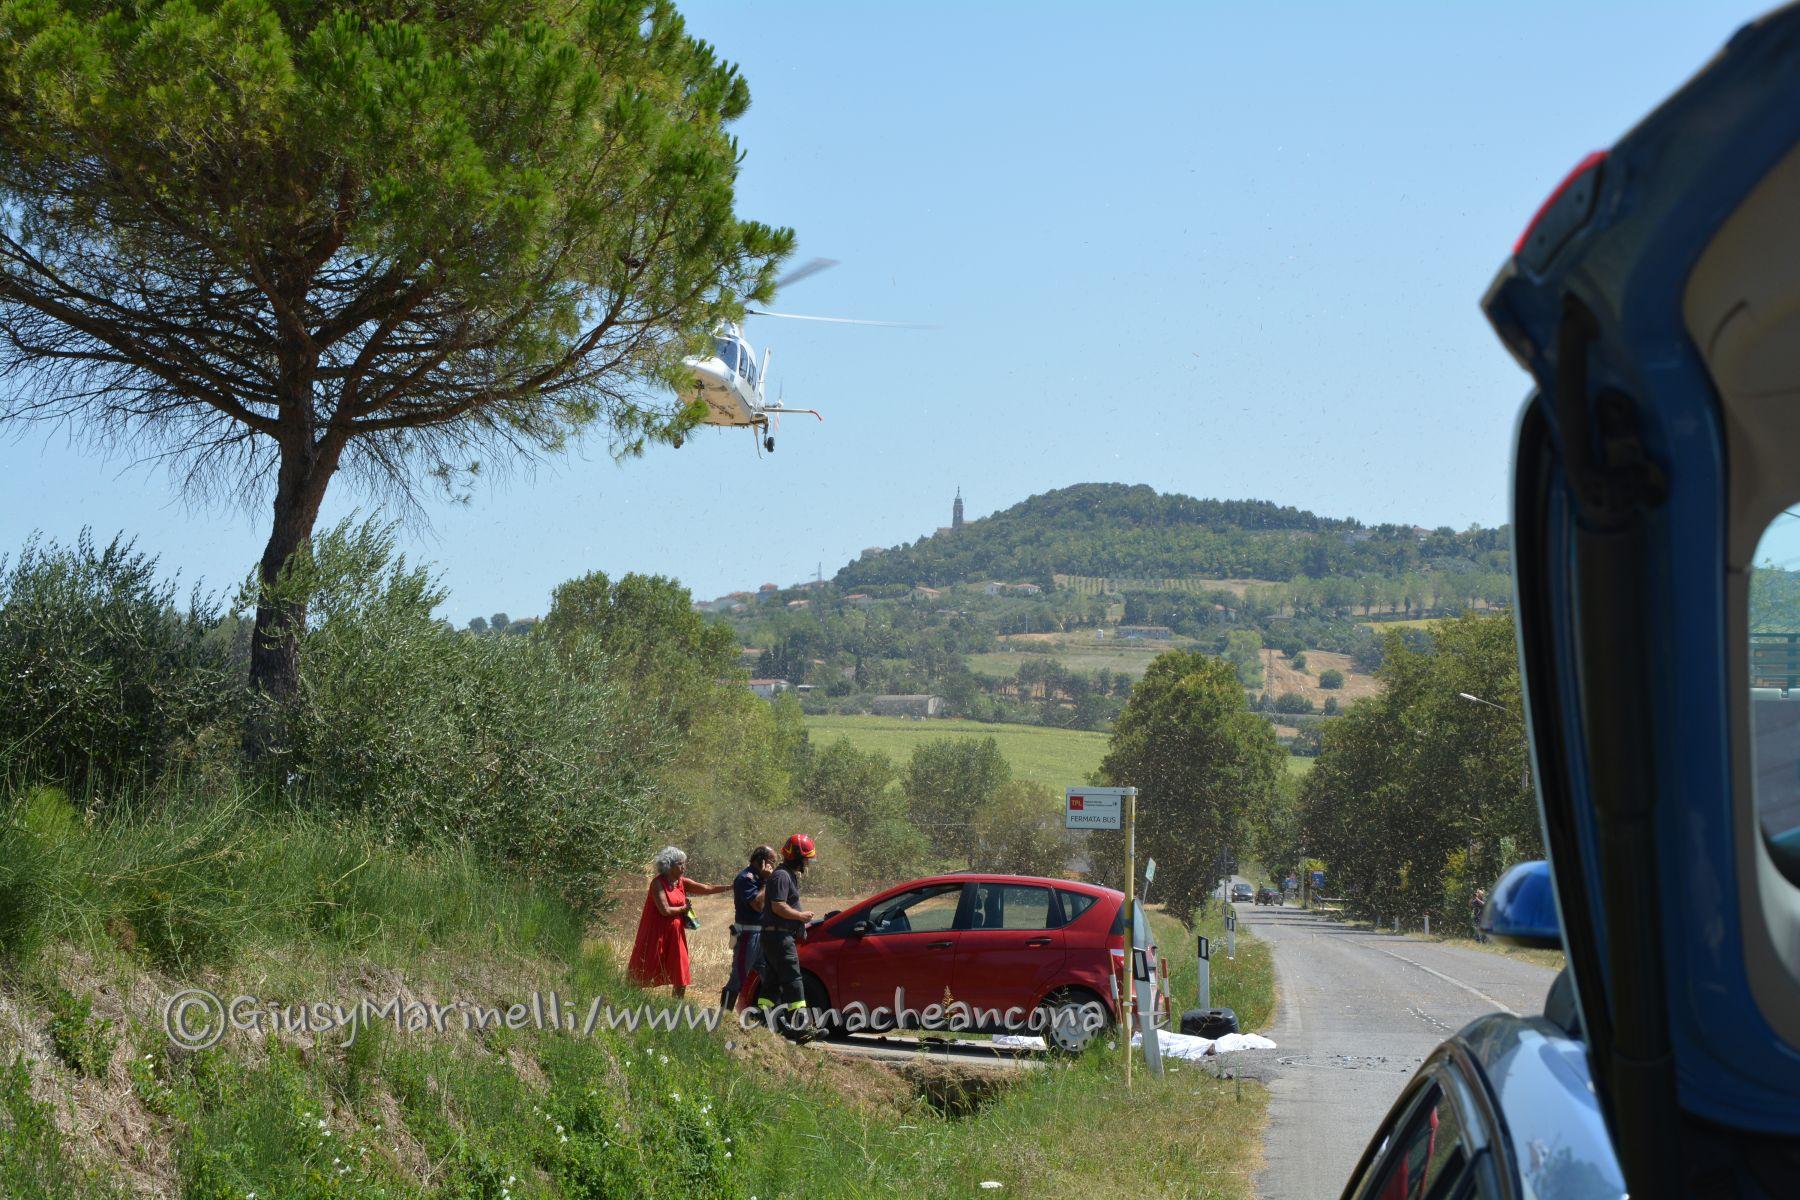 incidente_Camerano-Chiucconi-DSC_0548